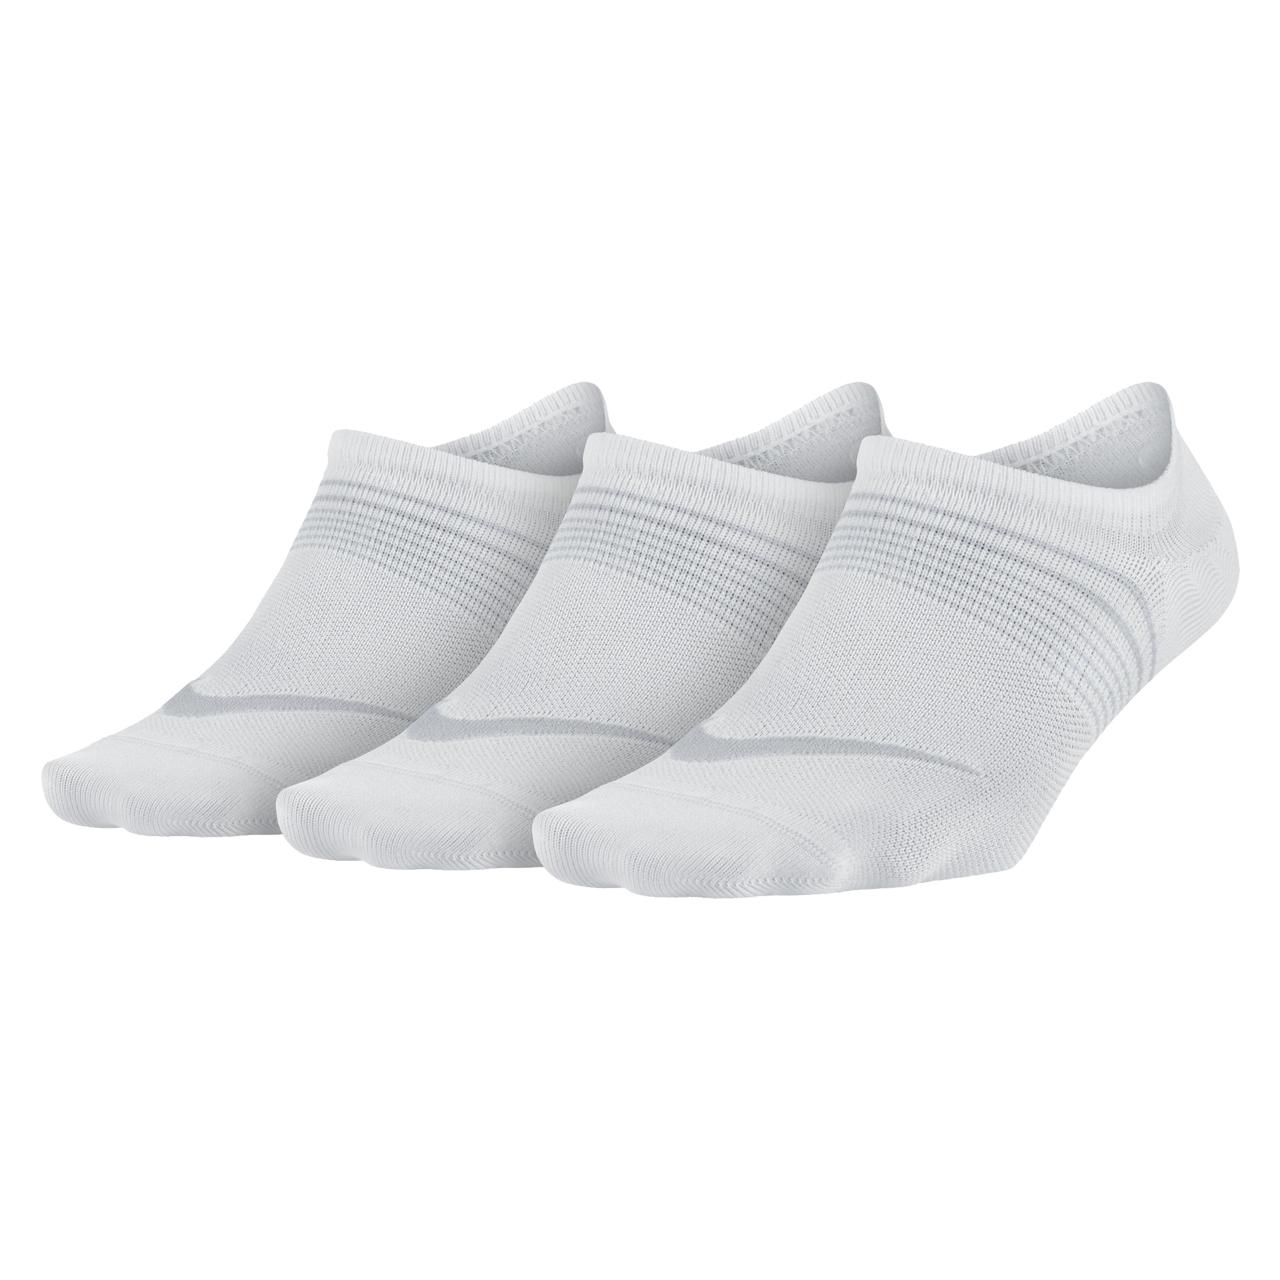 جوراب ورزشی نایکی مدل Lightweight  بسته 3 عددی